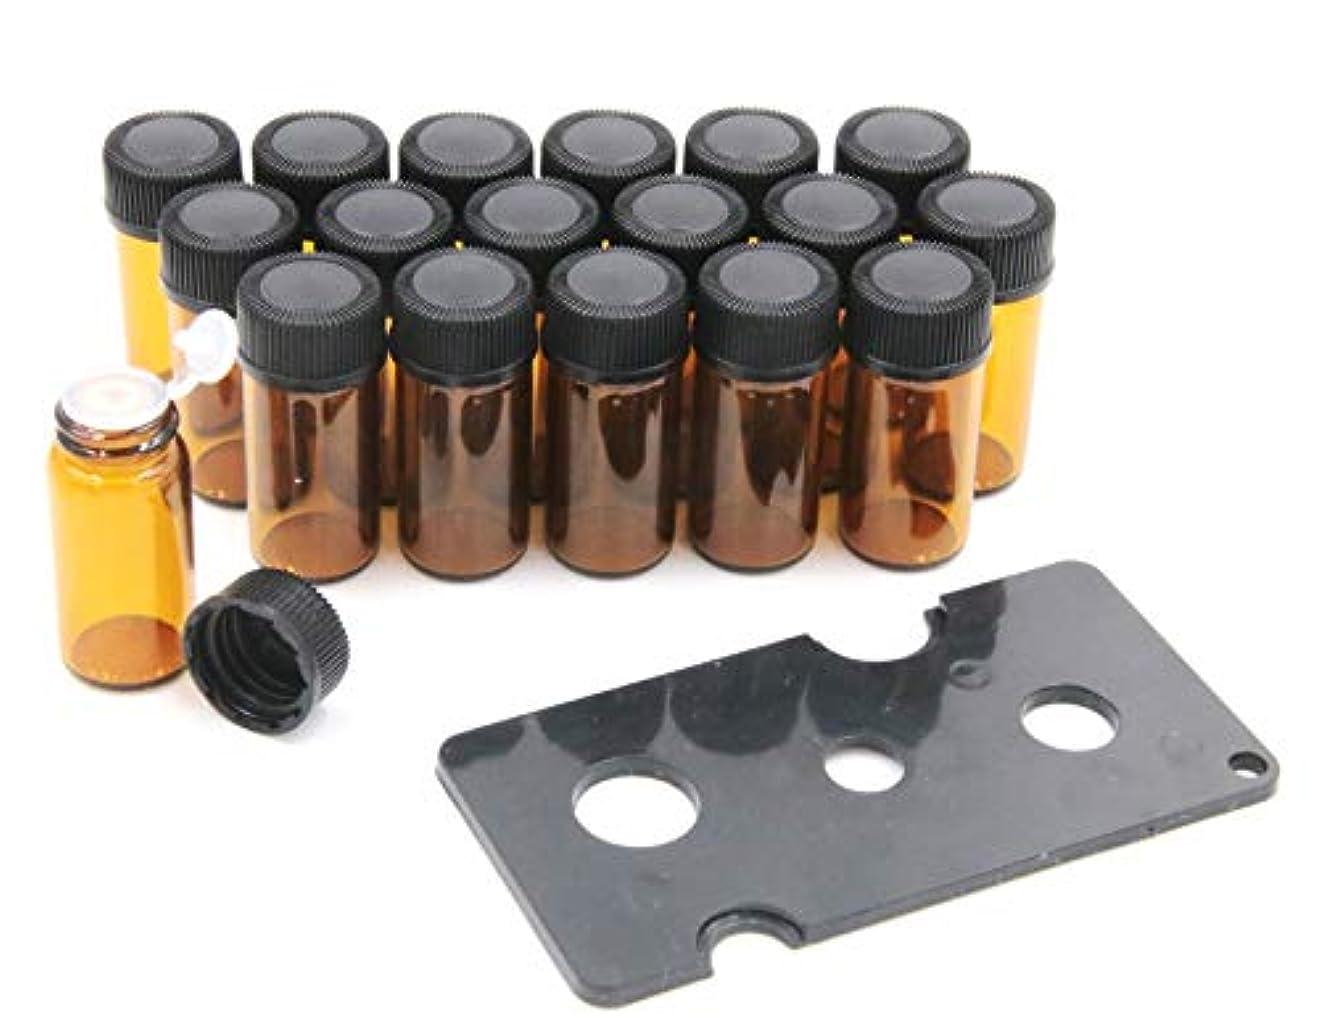 ゴールド寛大な整然としたXPdesign アロマ 小分け遮光瓶 アロマオイル 遮光瓶 保存 容器 詰め替え 香水 ボトル 耐熱ガラス (3ml 18本セット)